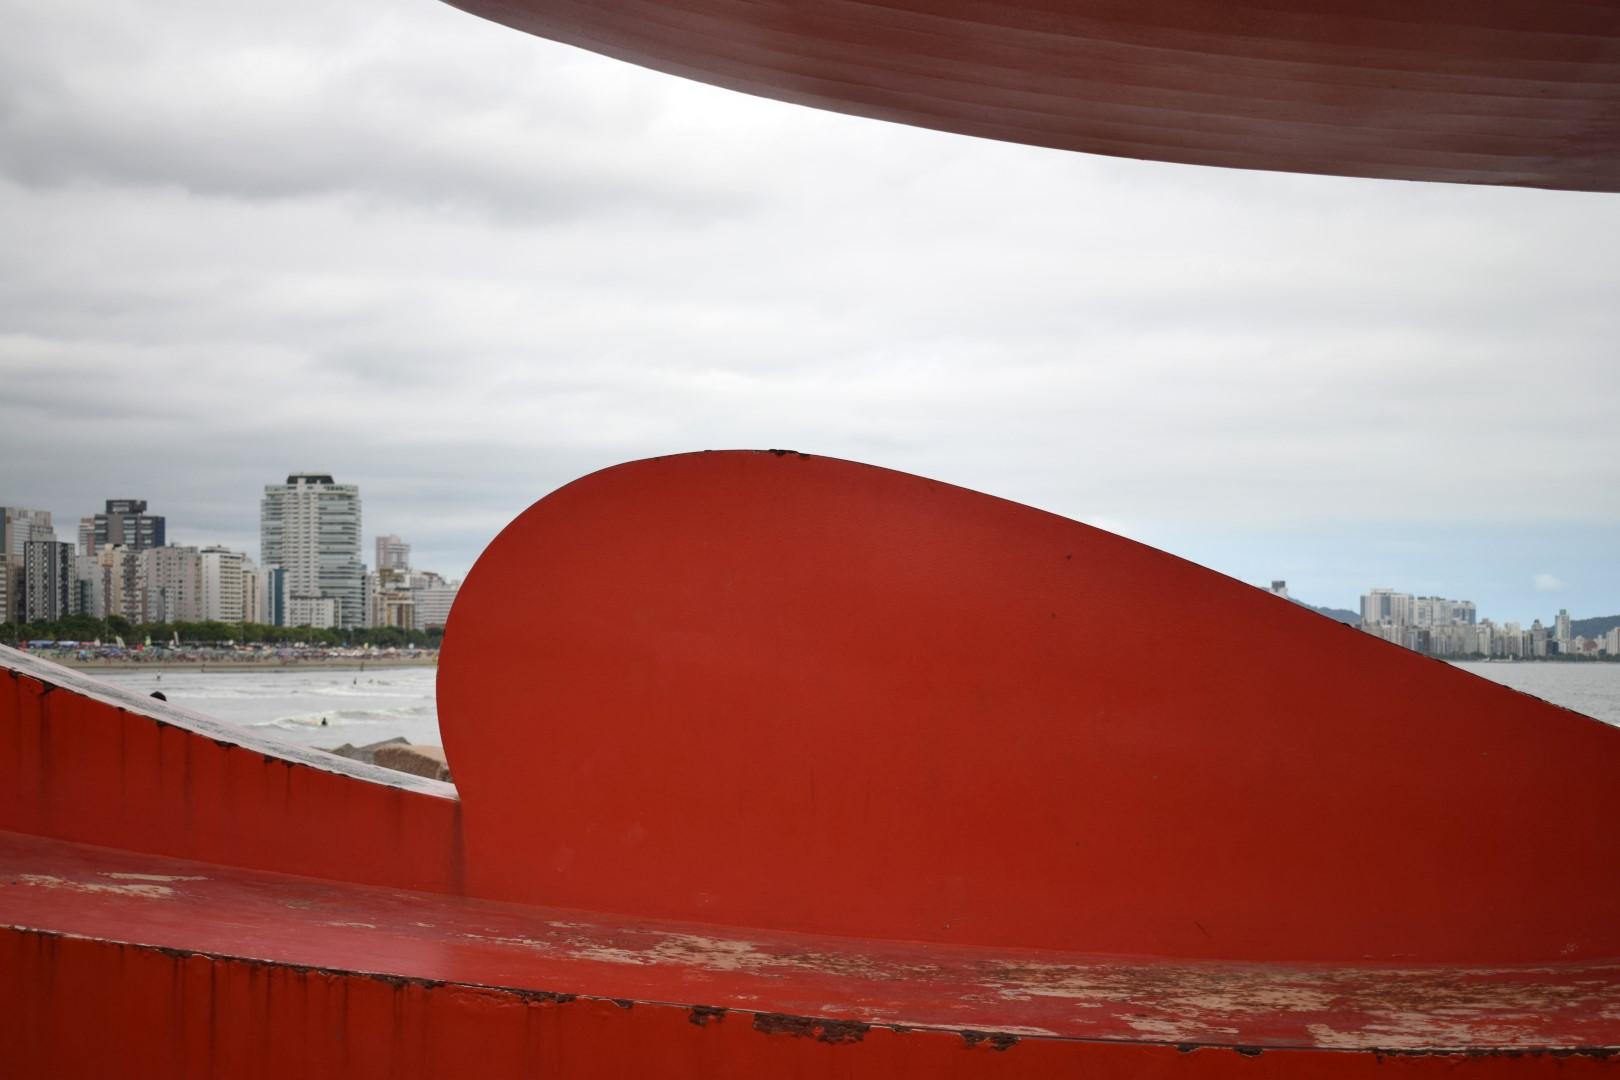 Emissário Submarino de Santos